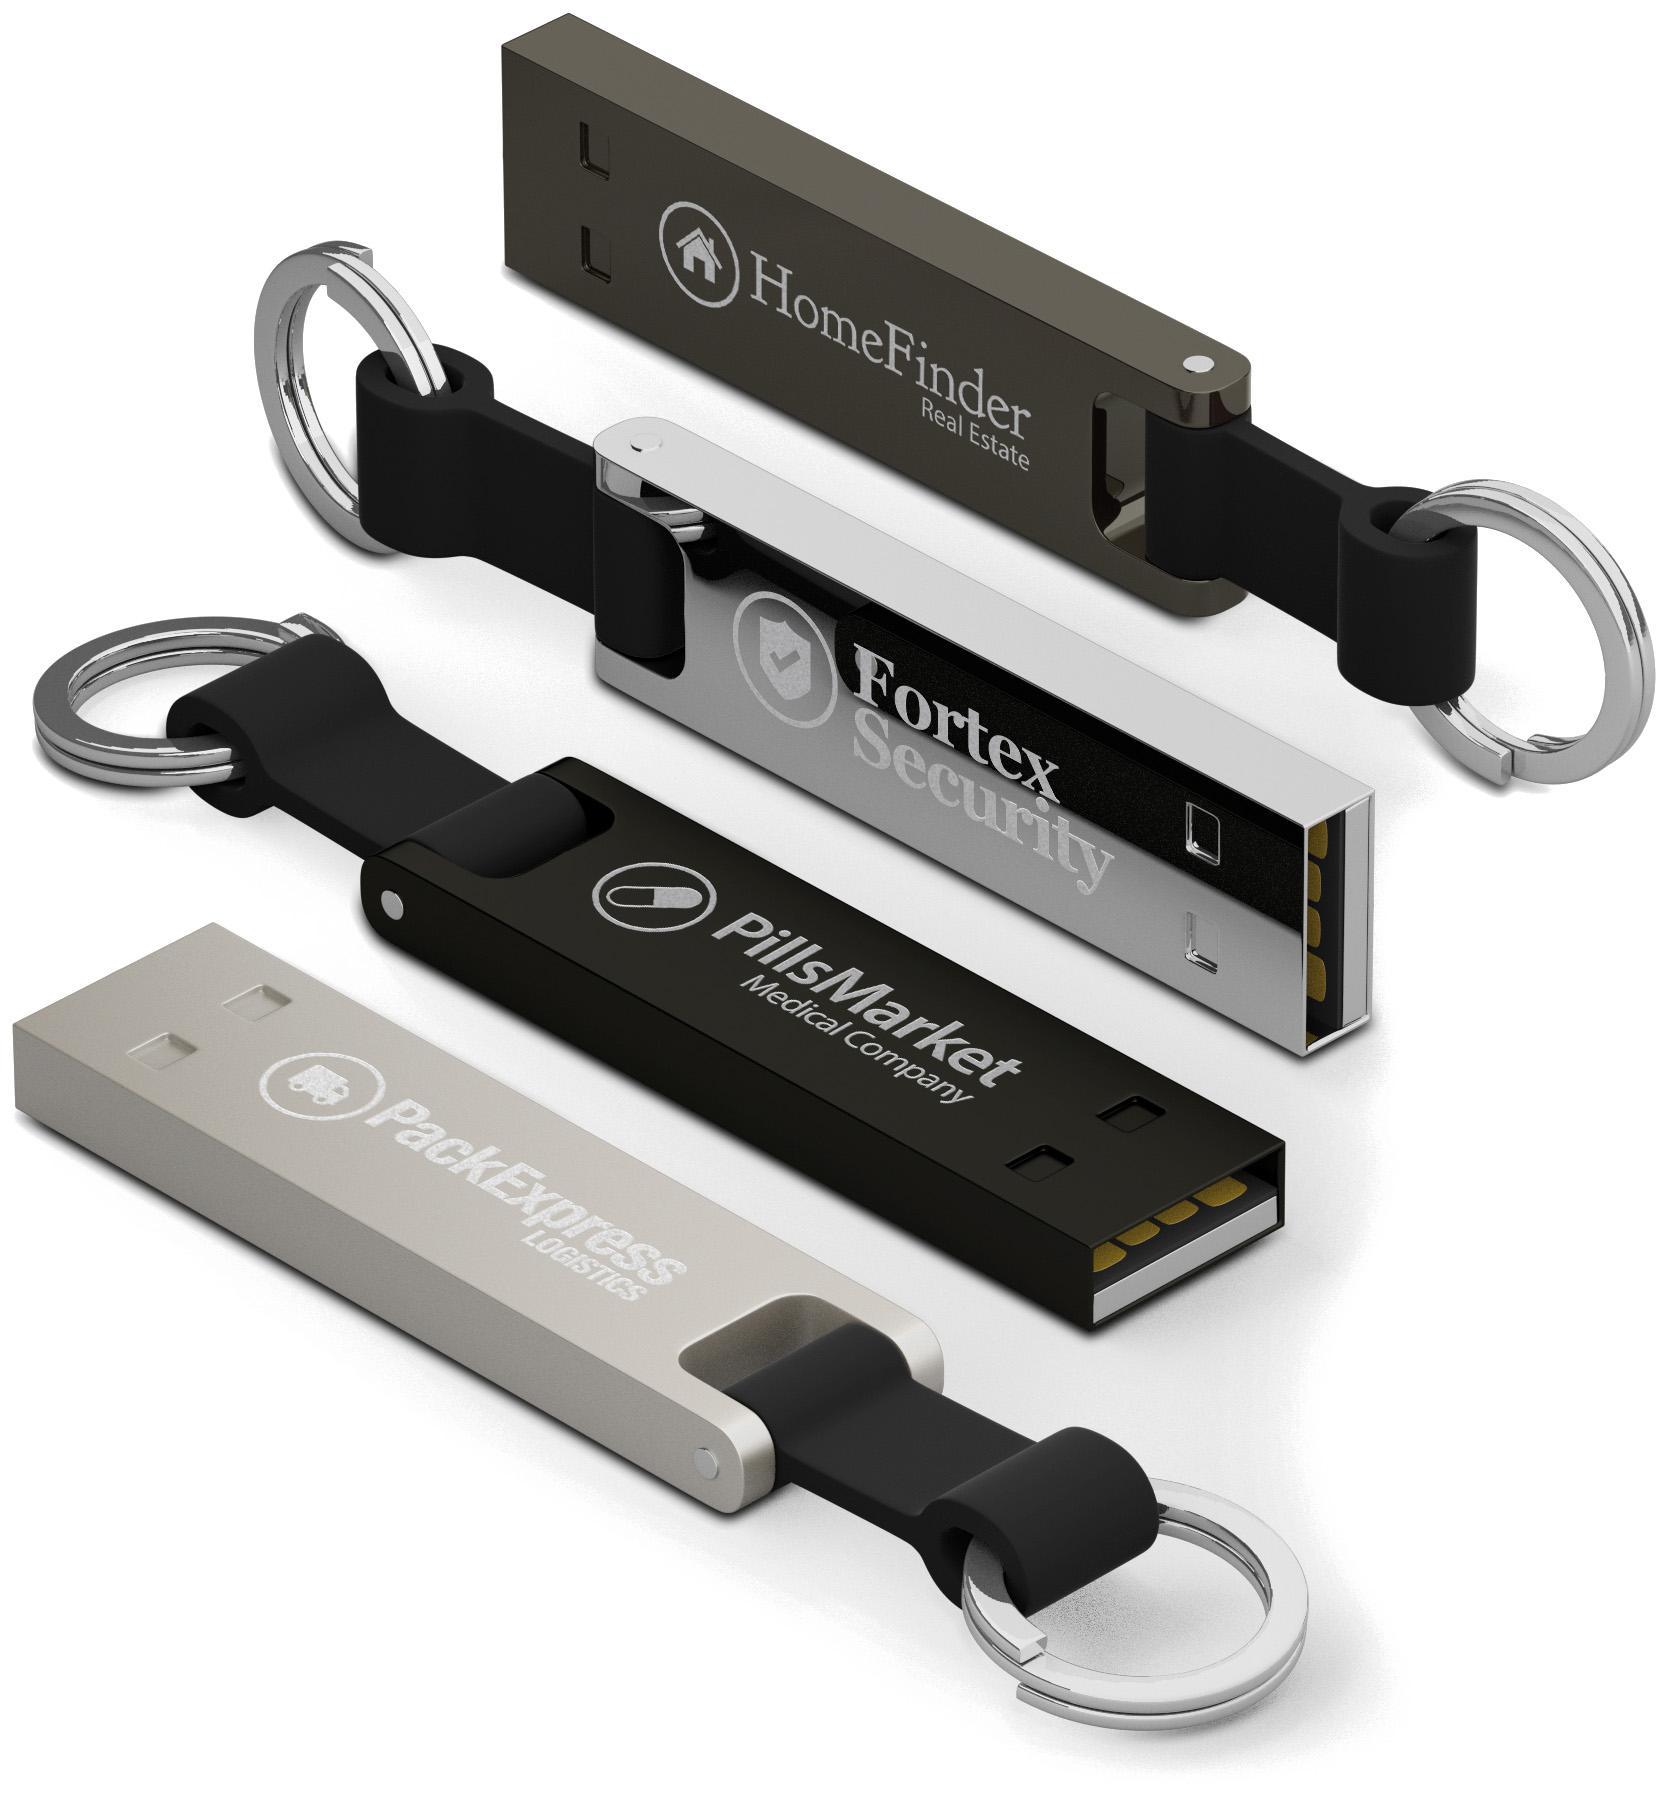 Clé USB personnalisable Iron Elegance - Clé USB publicitaire